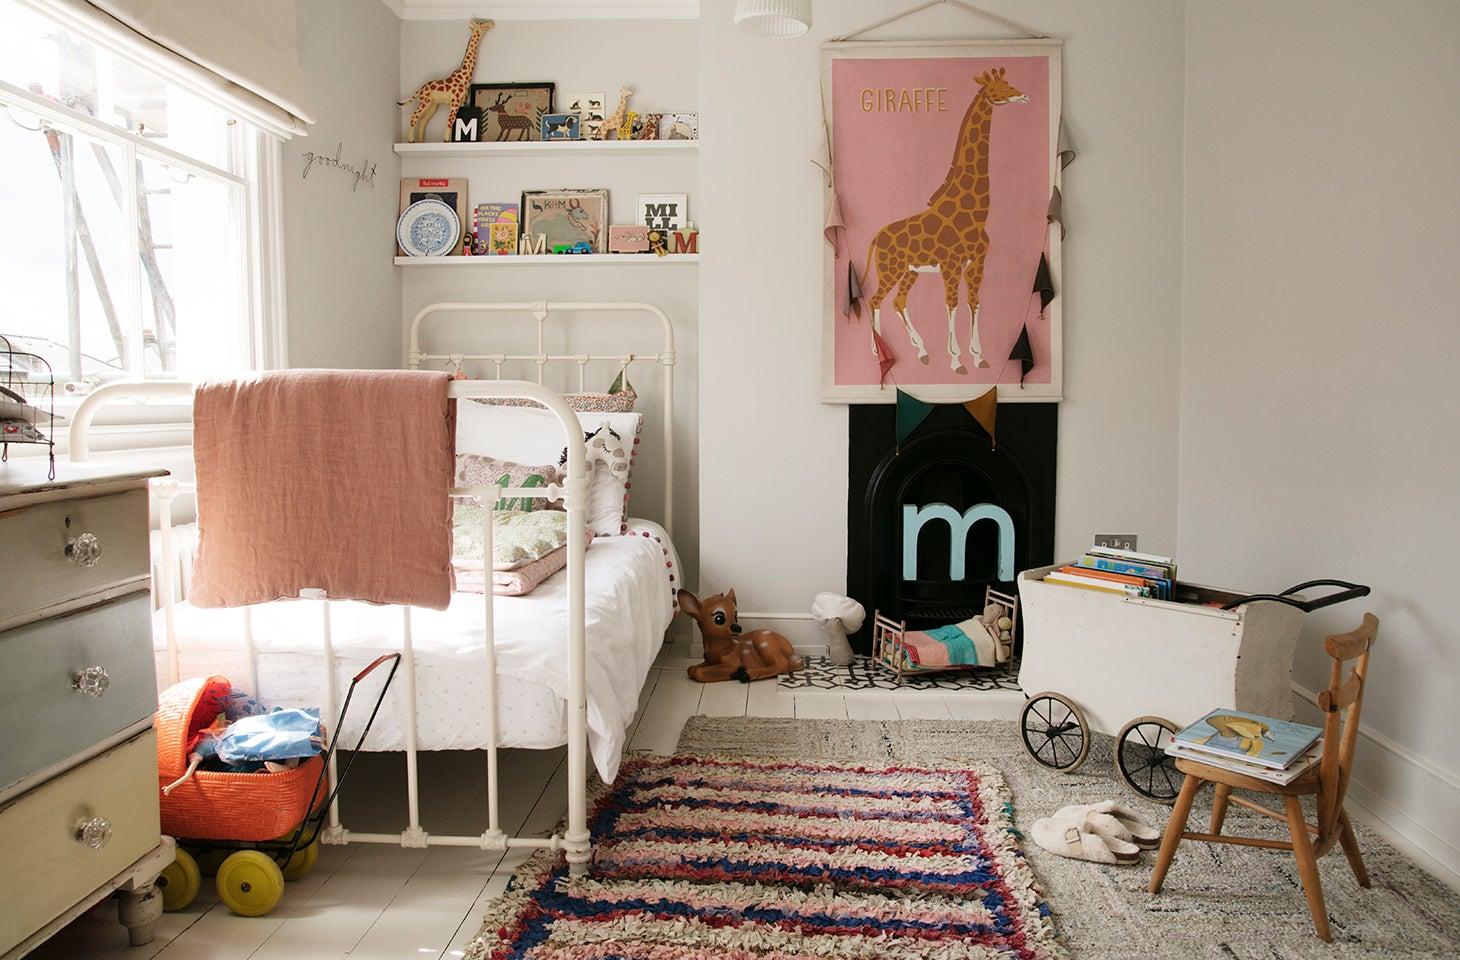 Little girl's room with giraffe art